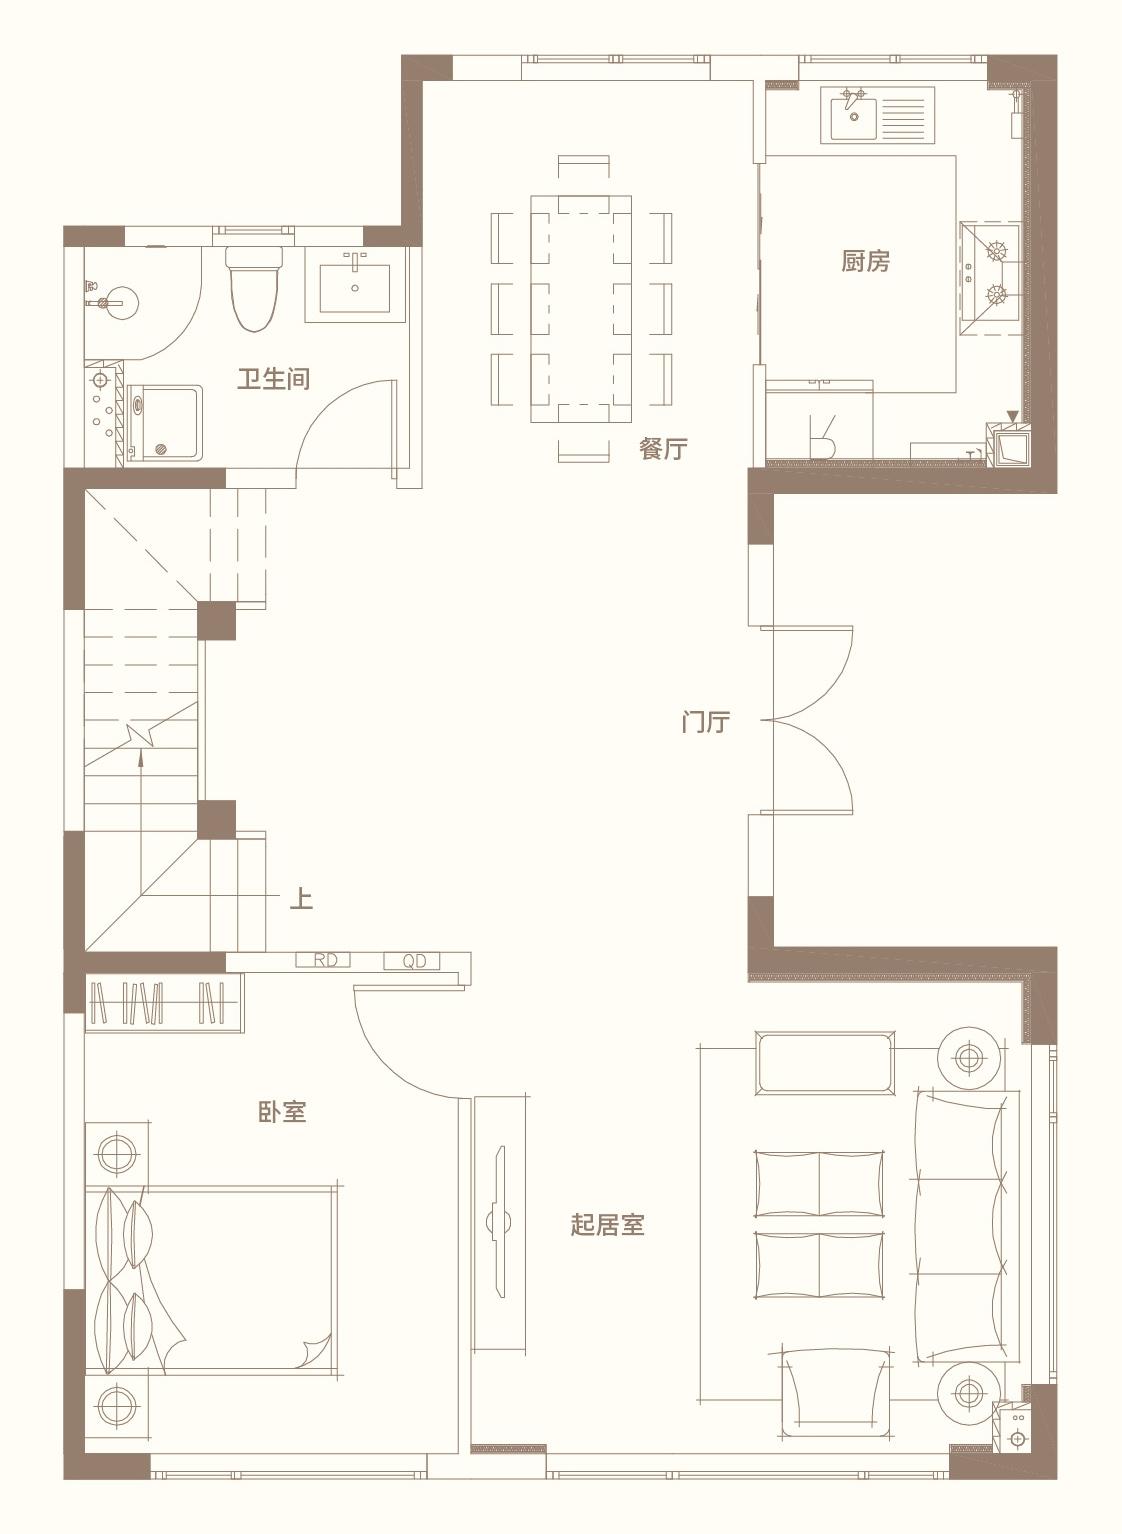 别墅五室四卫三厅220平米 一层